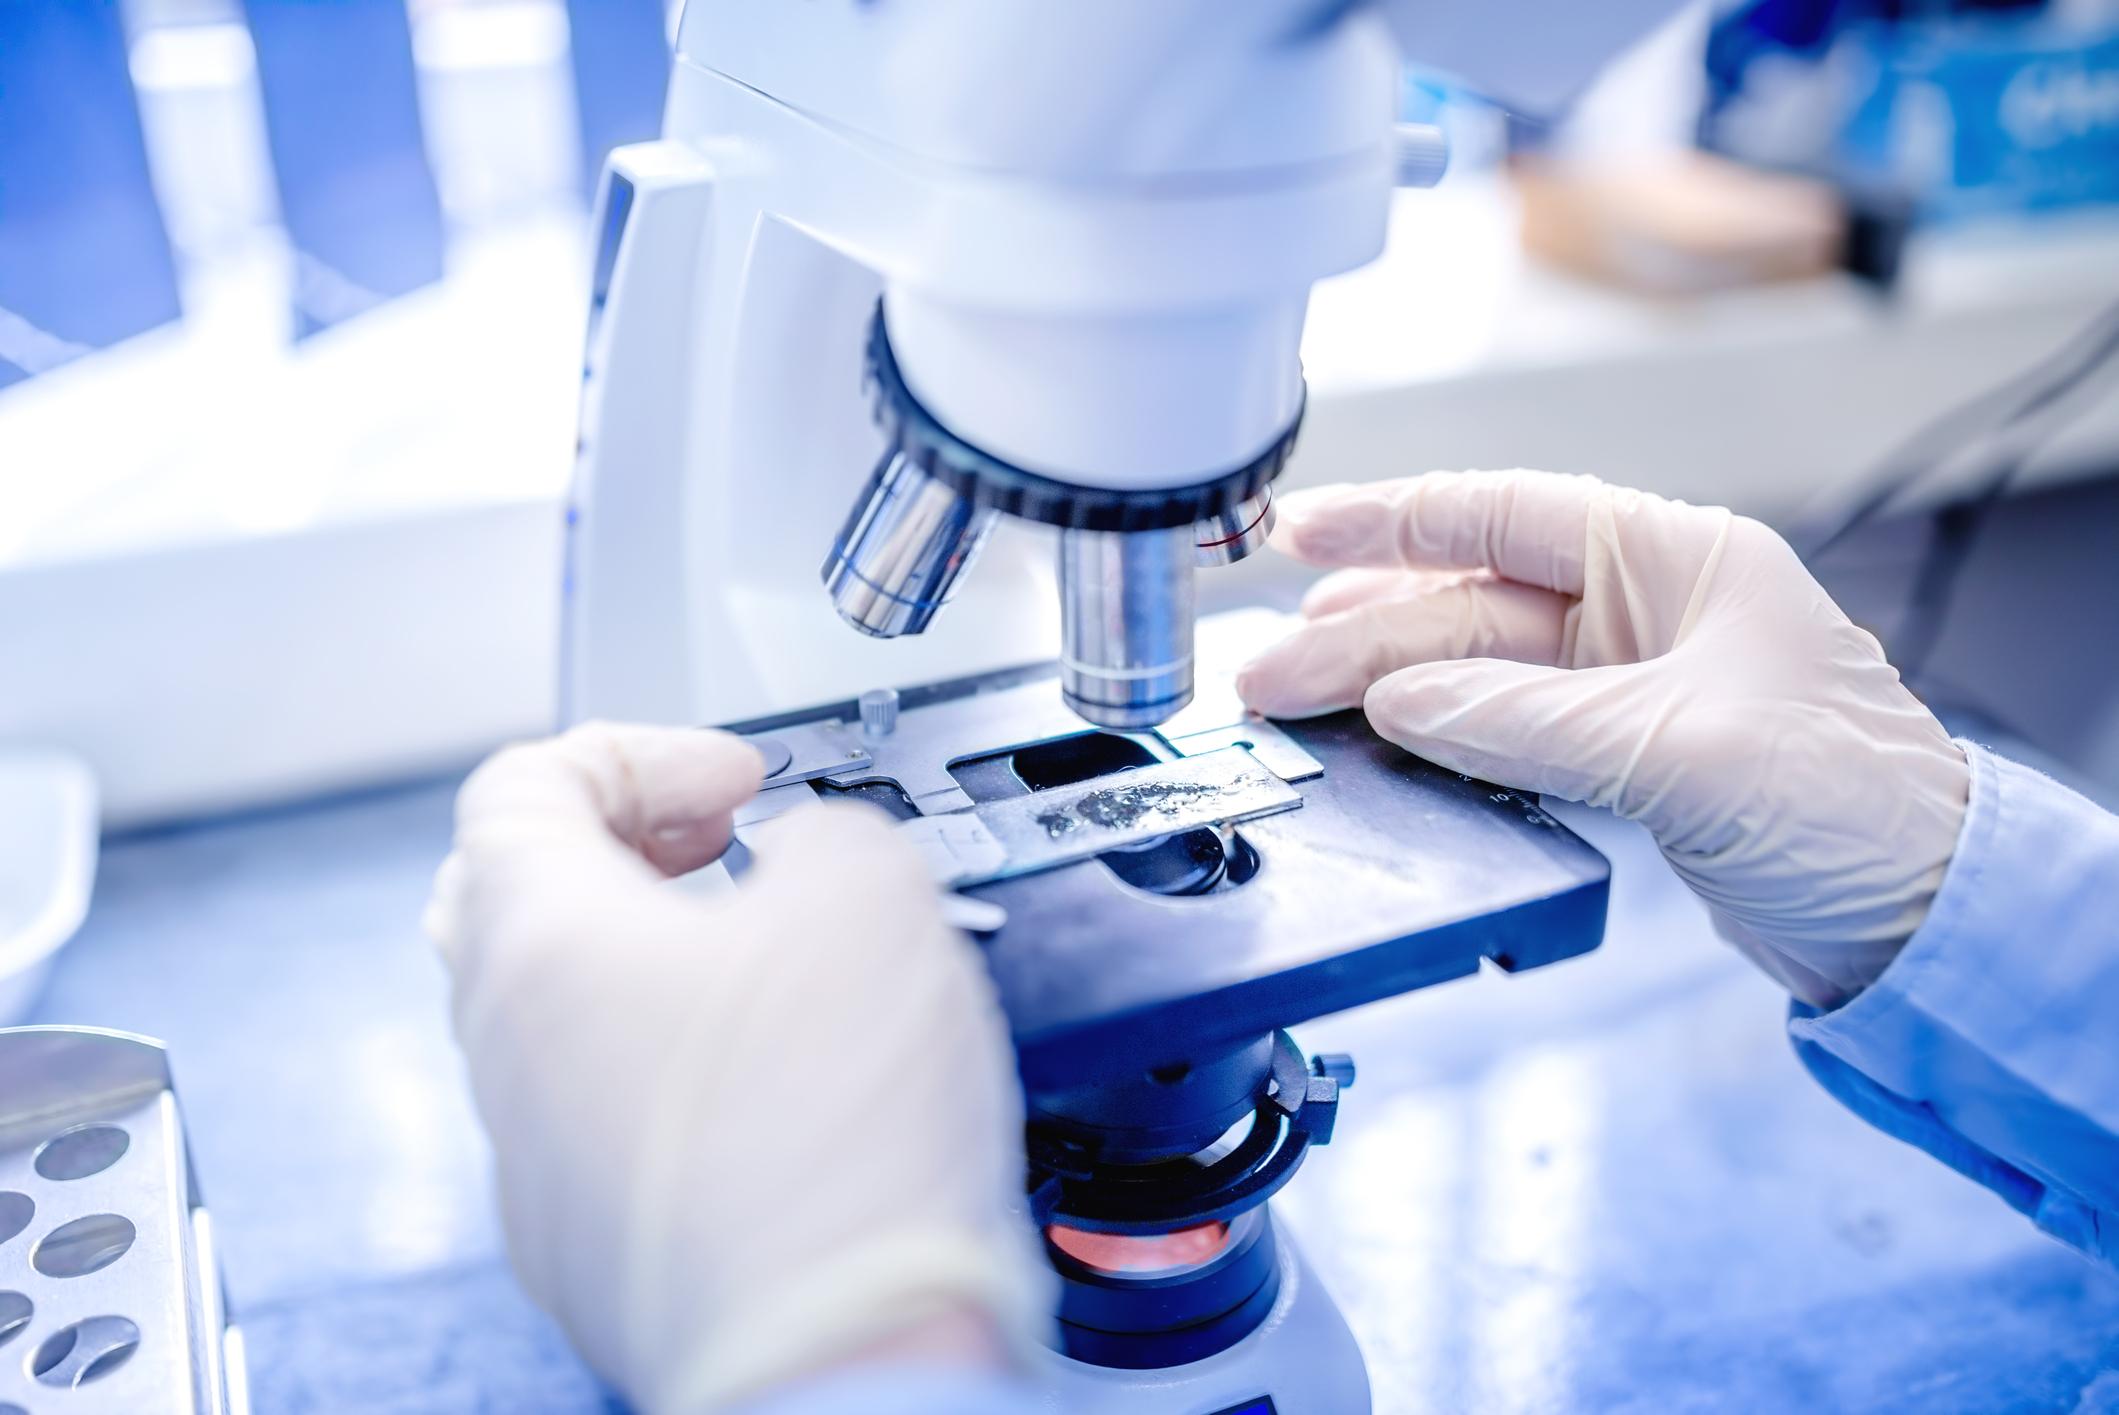 Ovário artificial poderá ajudar mulheres com câncer que desejam ter filhos